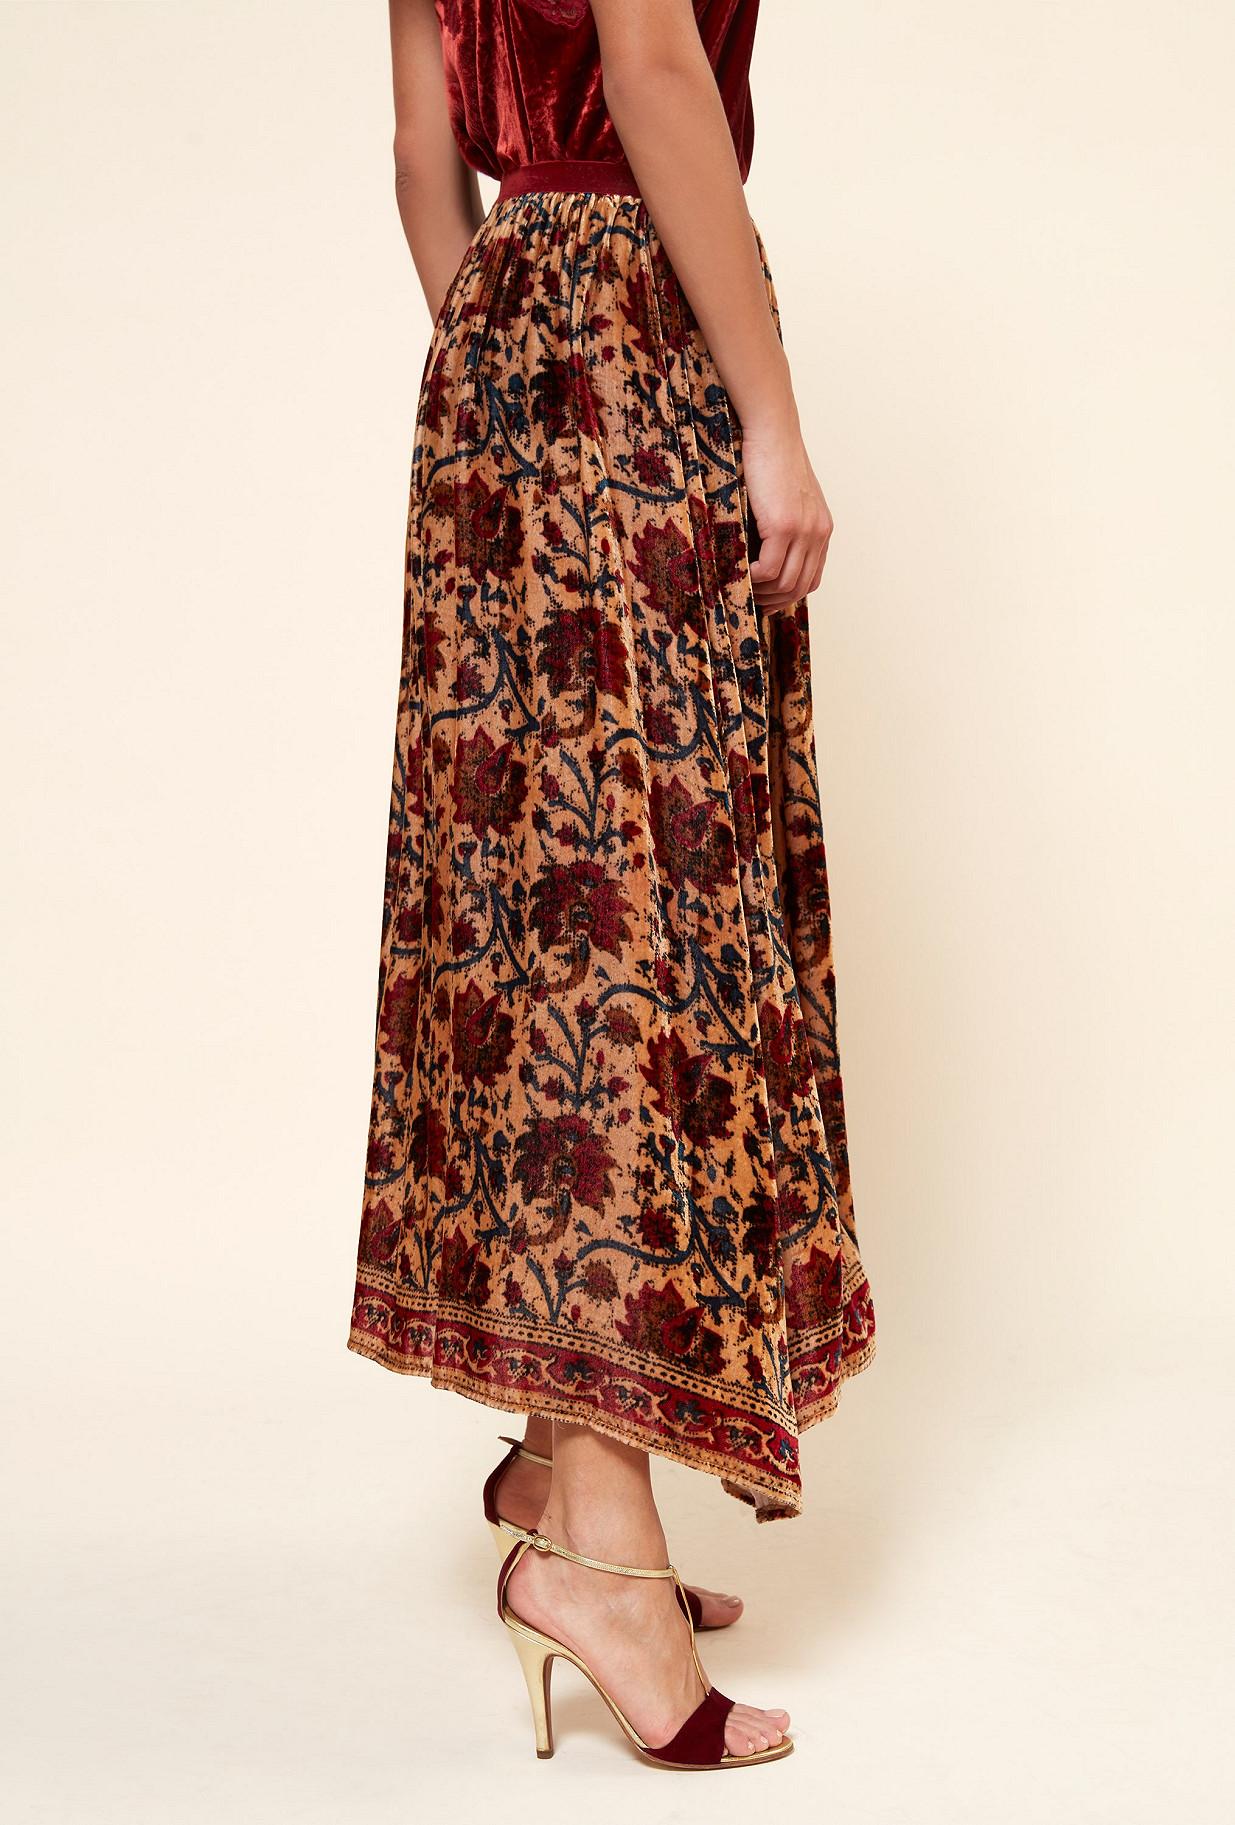 Floral print  Skirt  Coche Mes demoiselles fashion clothes designer Paris